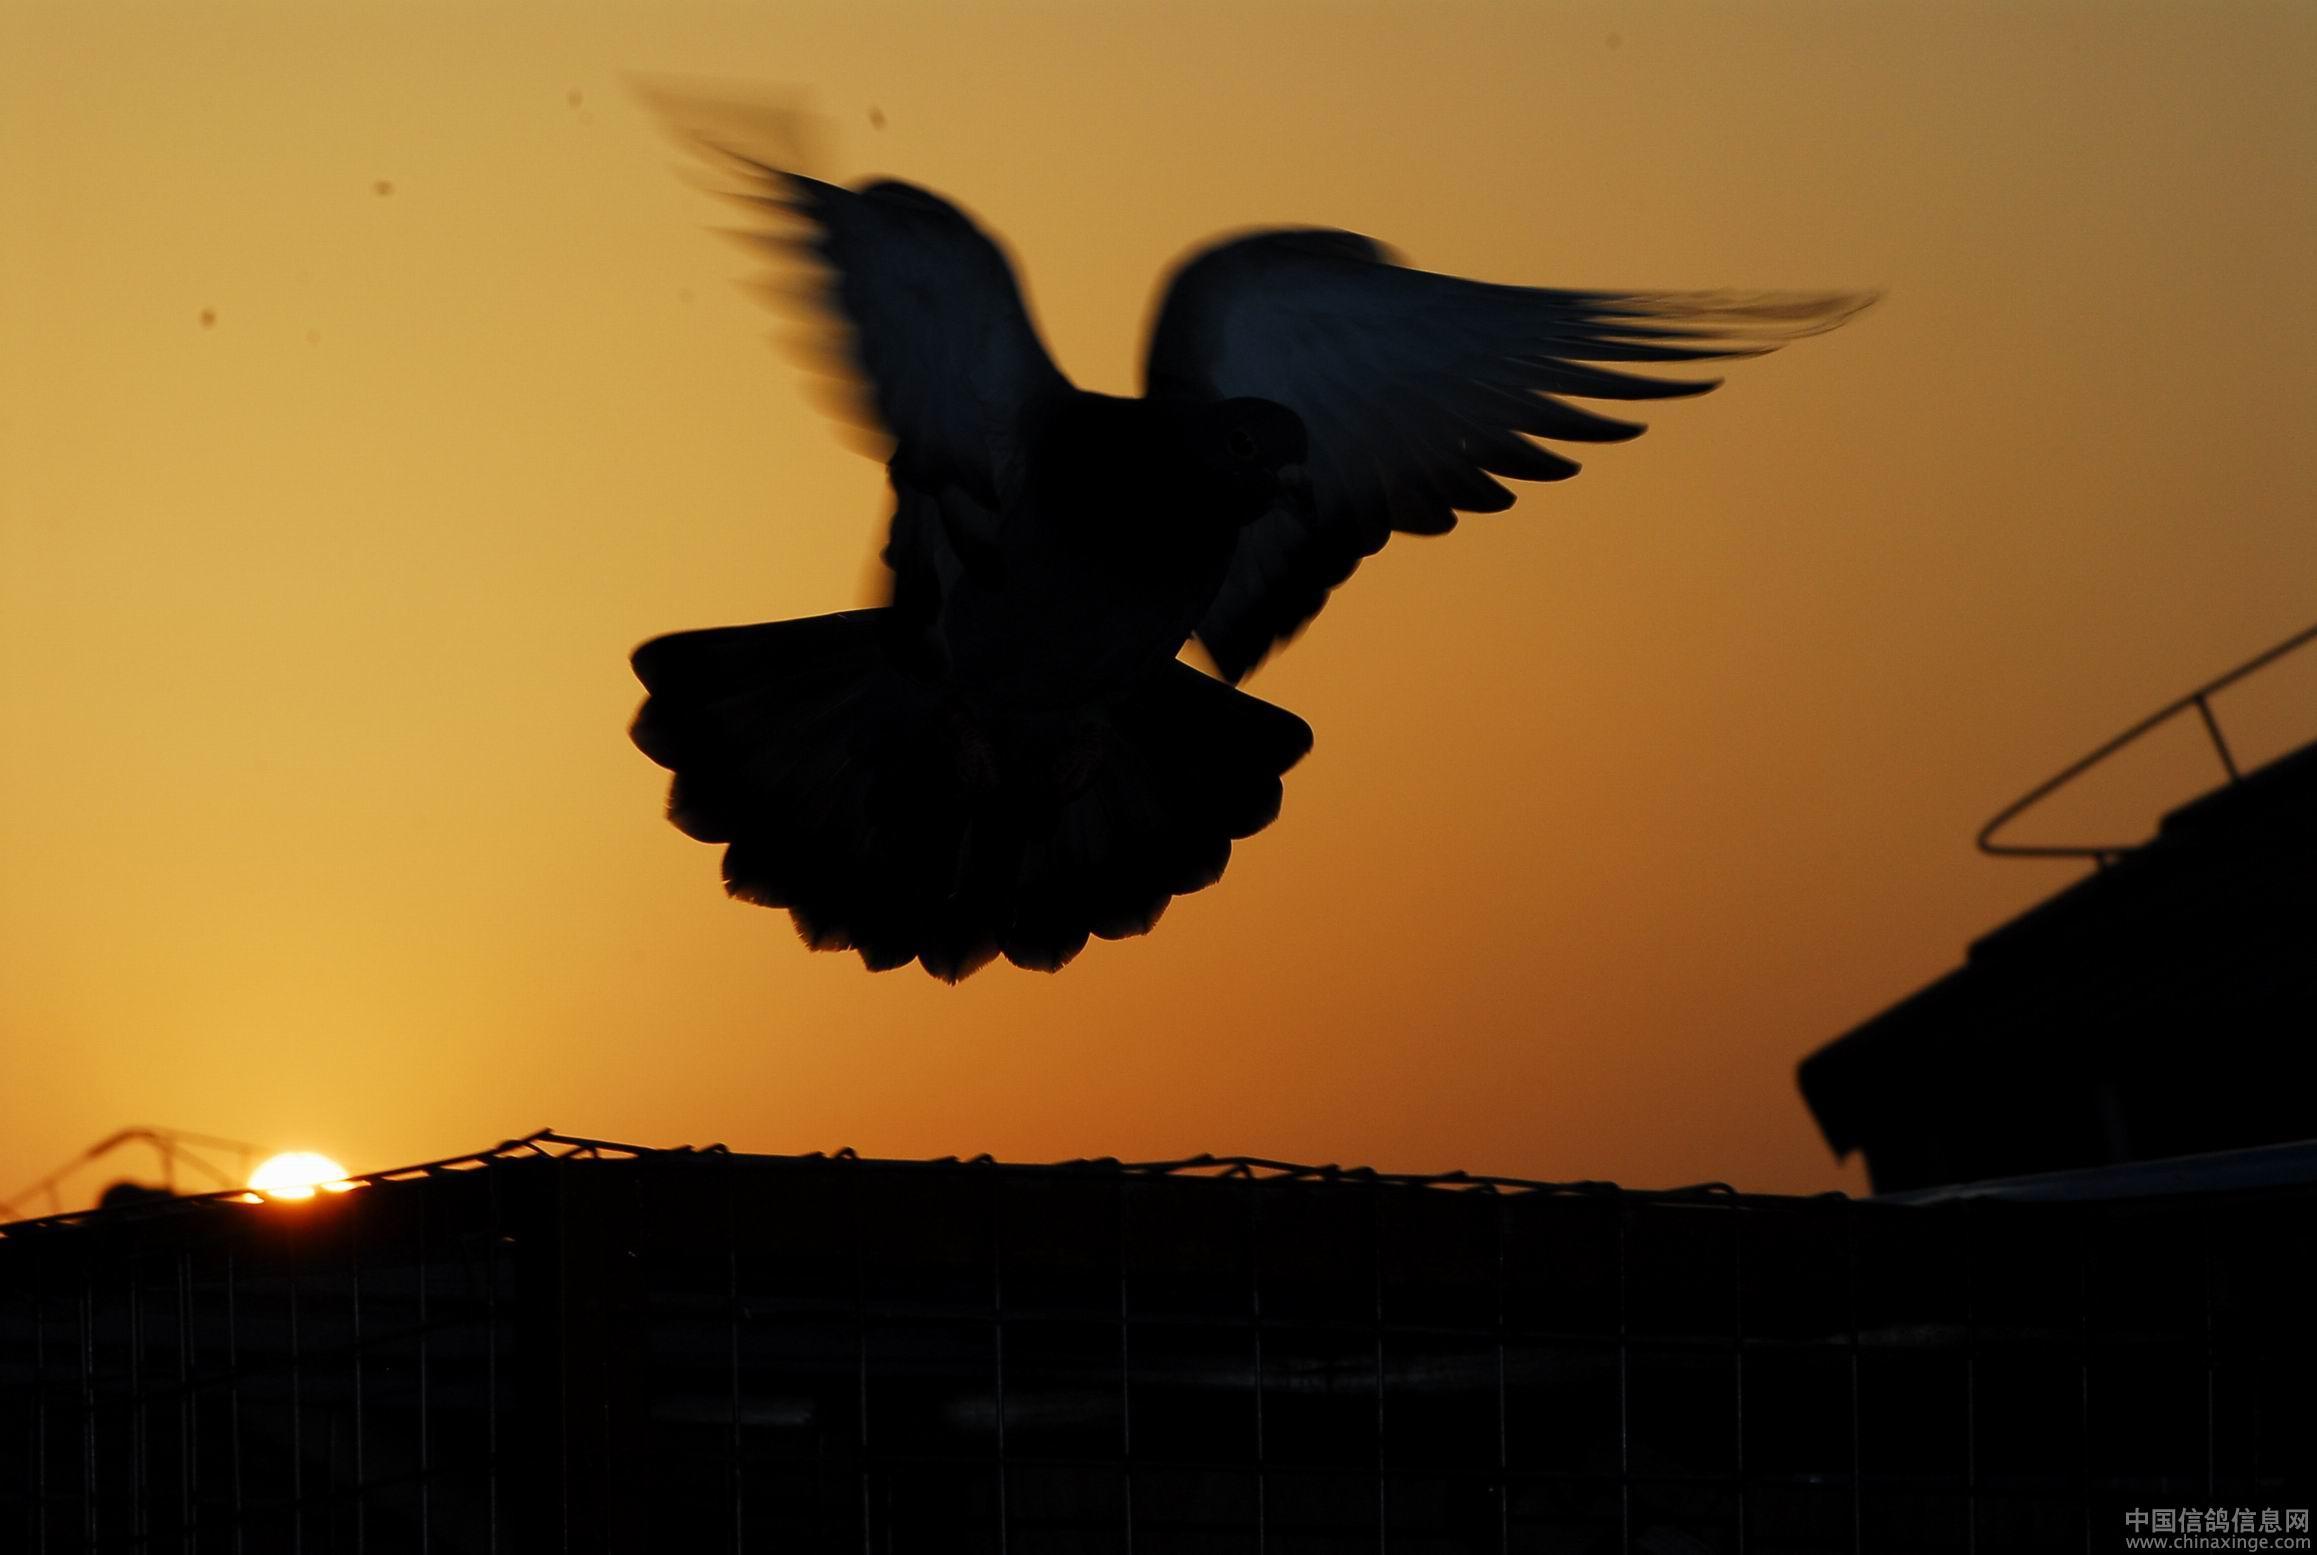 舞者无疆:天涯海角的蓝色天使